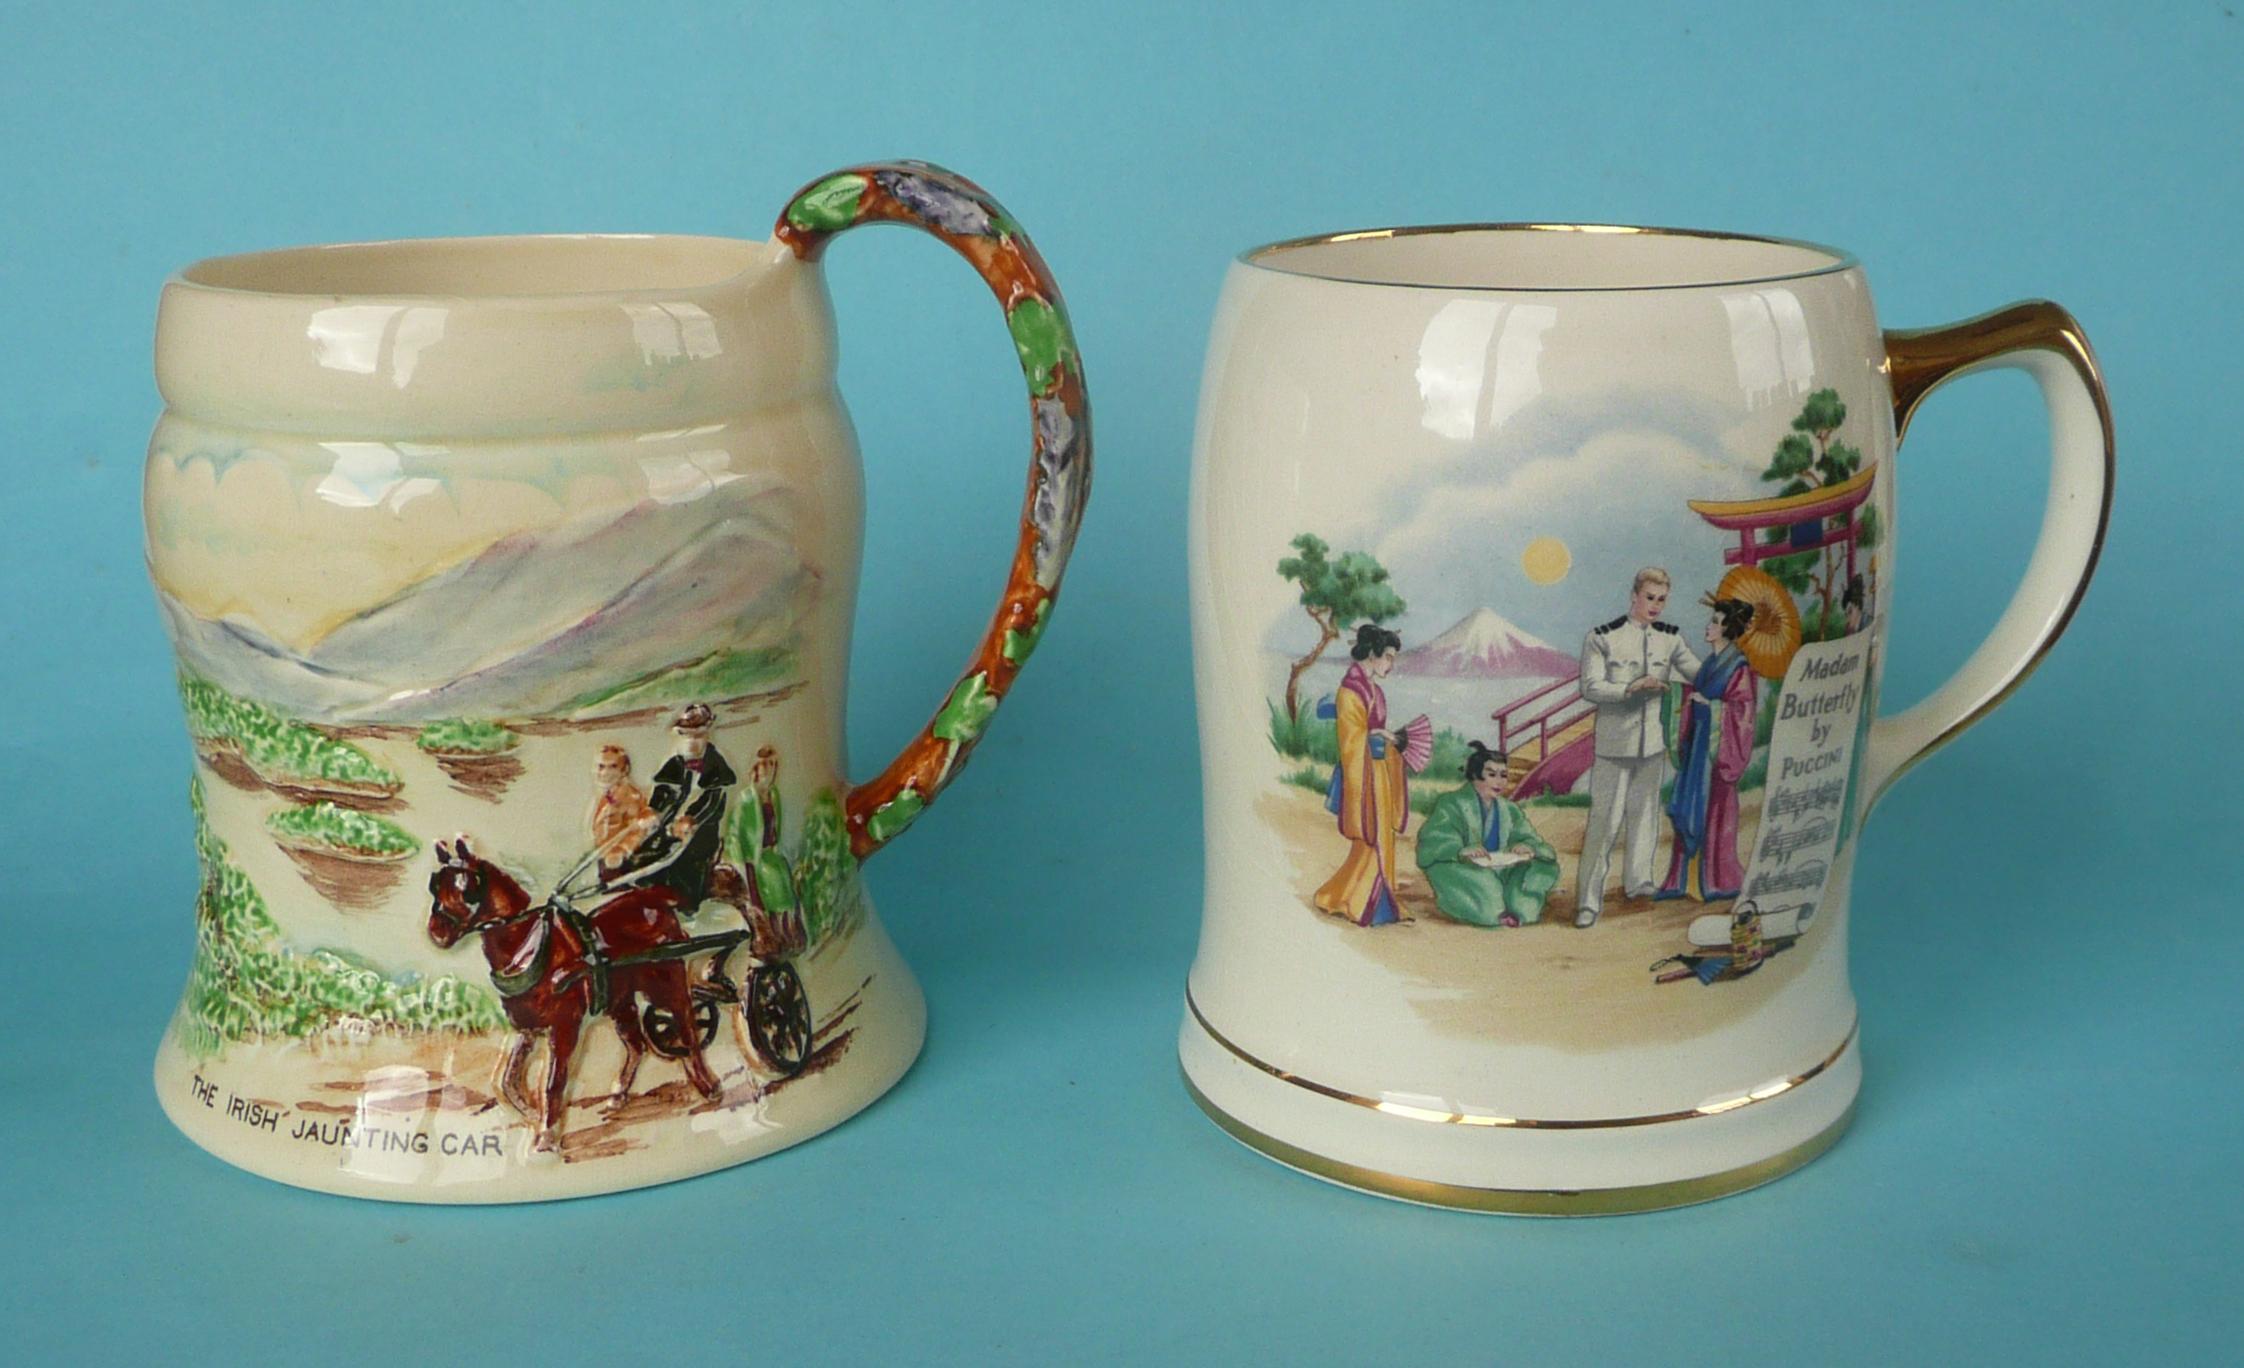 Lot 2 - A good Irish Jaunting Car musical mug to play Killarney, 131mm and a Madame Butterfly mug, both by